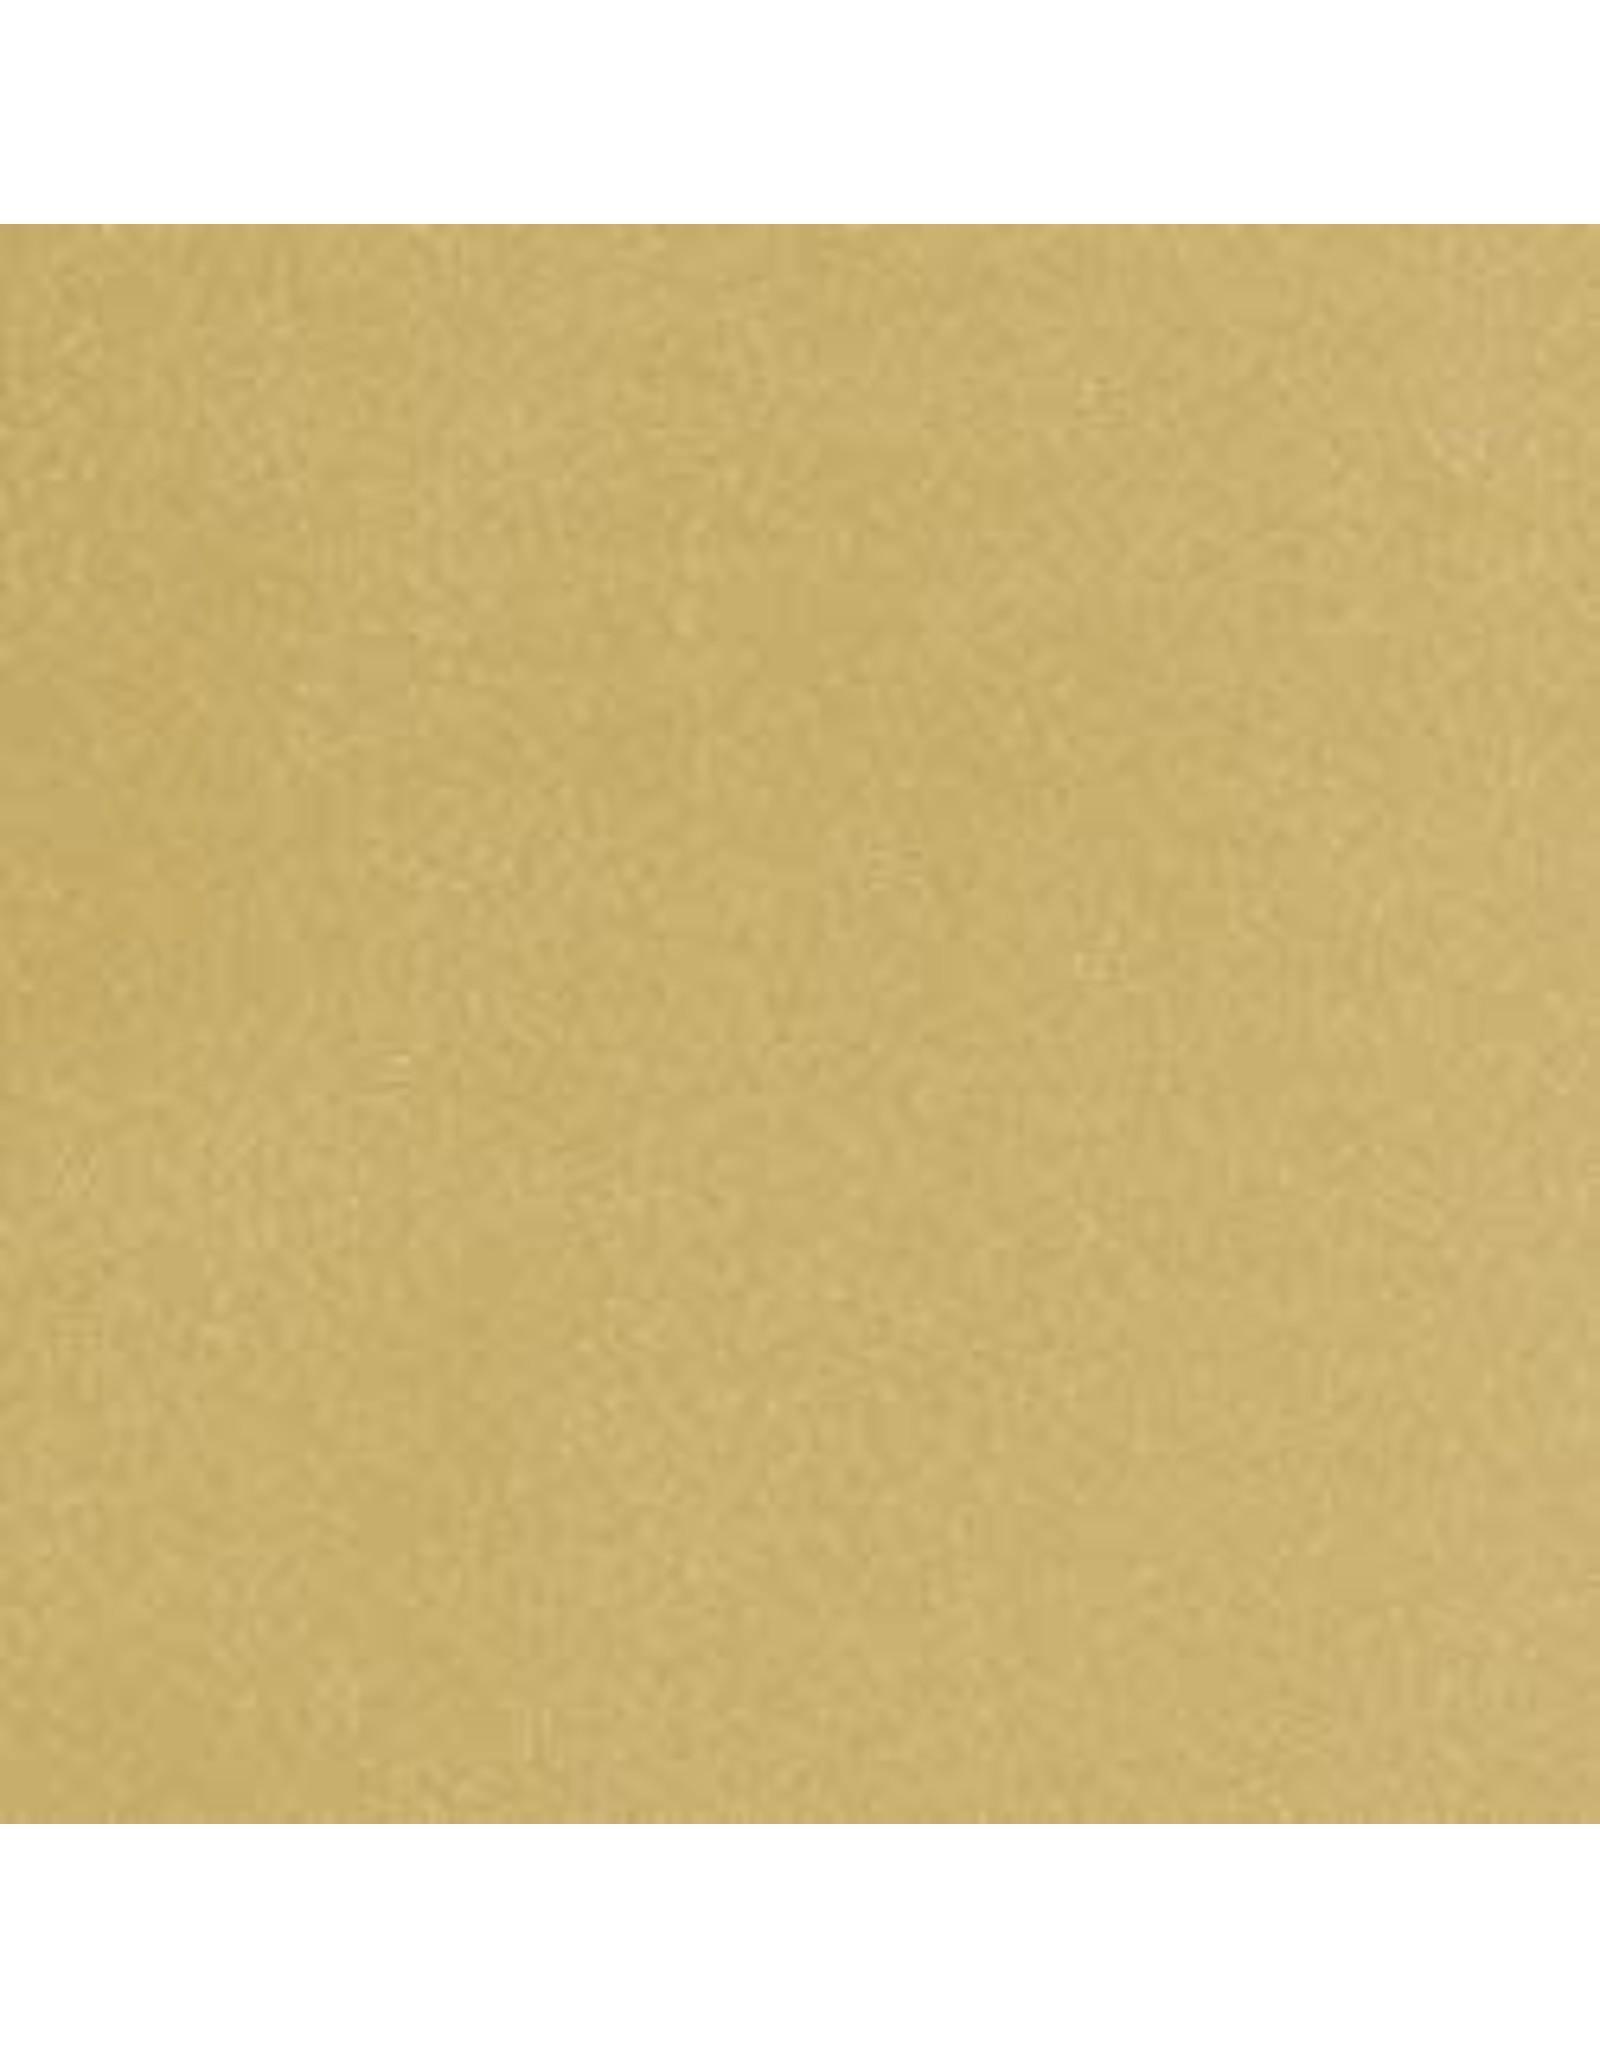 Doodlebug Design 12x12 gold sugar coated cardstock